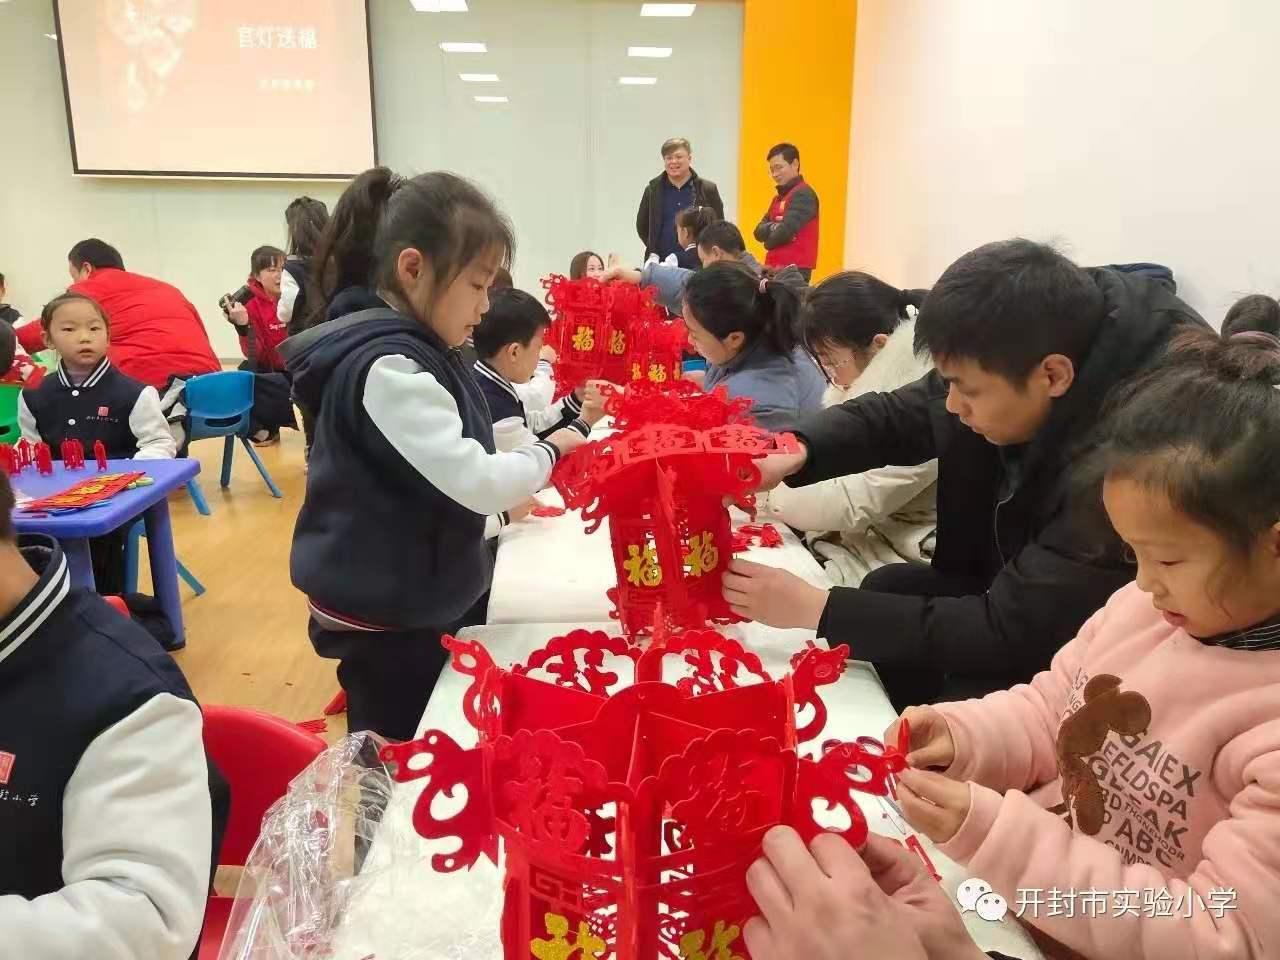 汴梁教育|开封市实验小学:童心遇年趣和美中国年